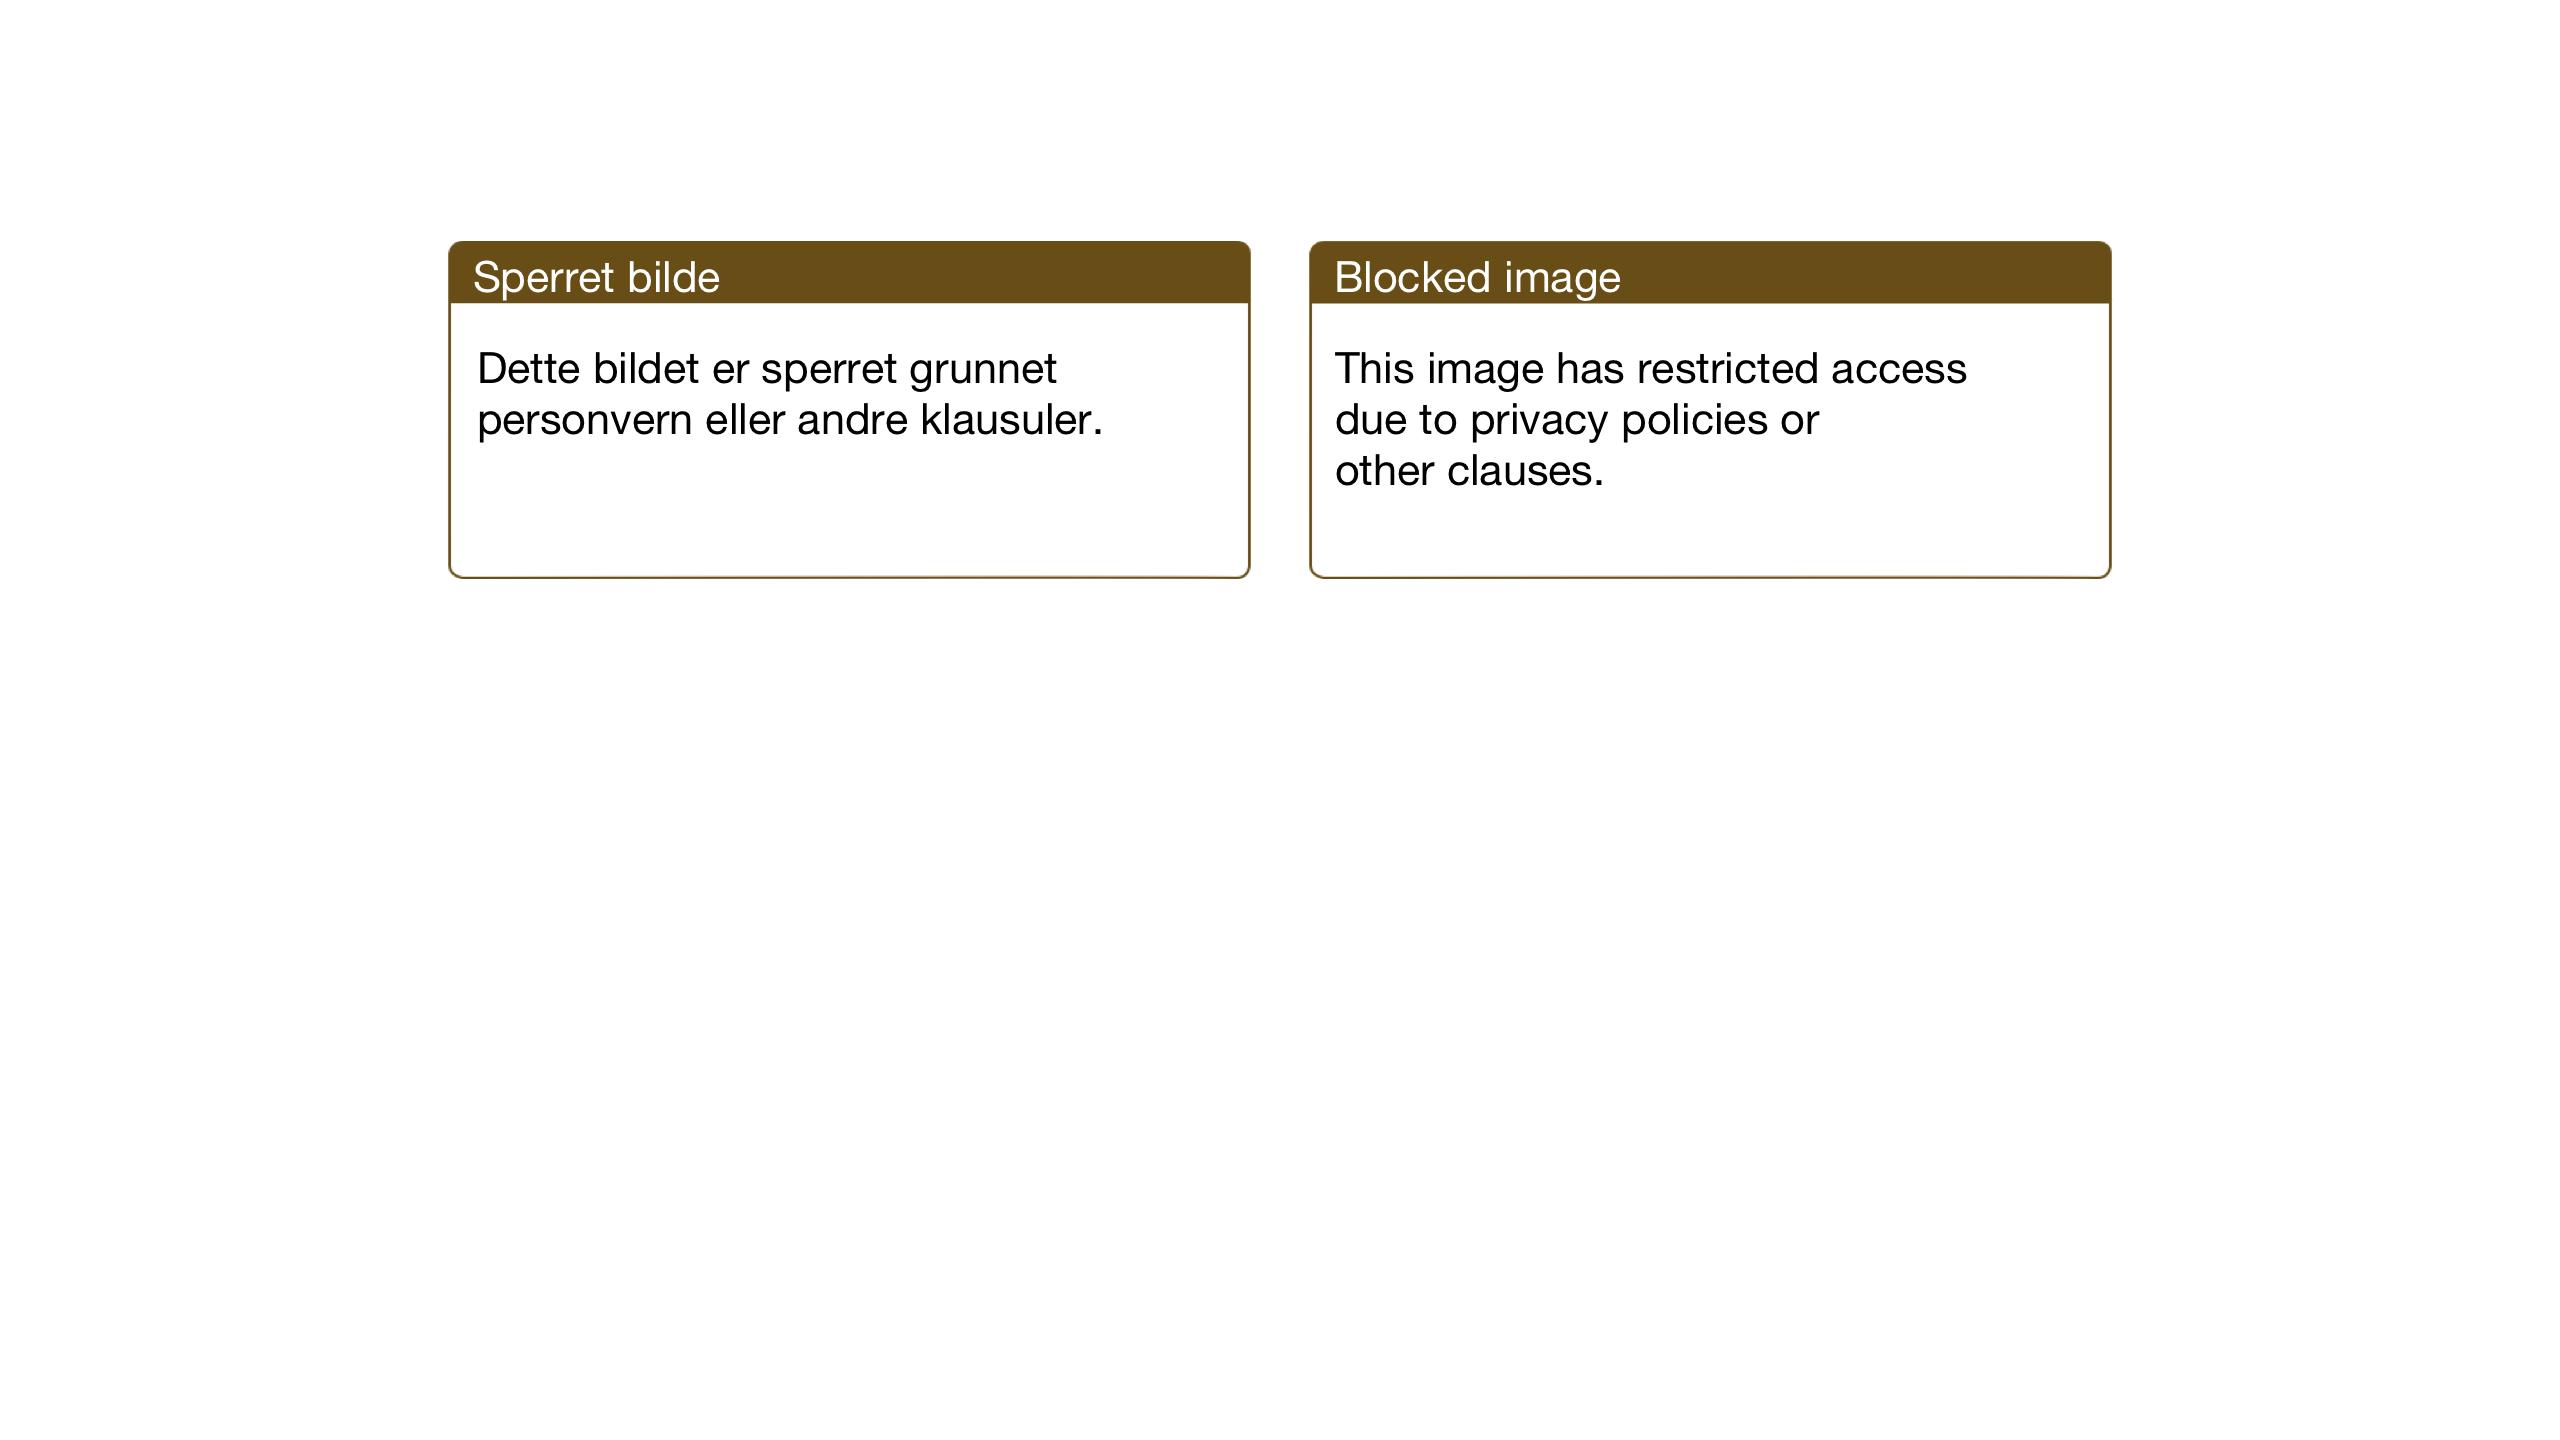 SAT, Ministerialprotokoller, klokkerbøker og fødselsregistre - Nord-Trøndelag, 710/L0097: Klokkerbok nr. 710C02, 1925-1955, s. 23